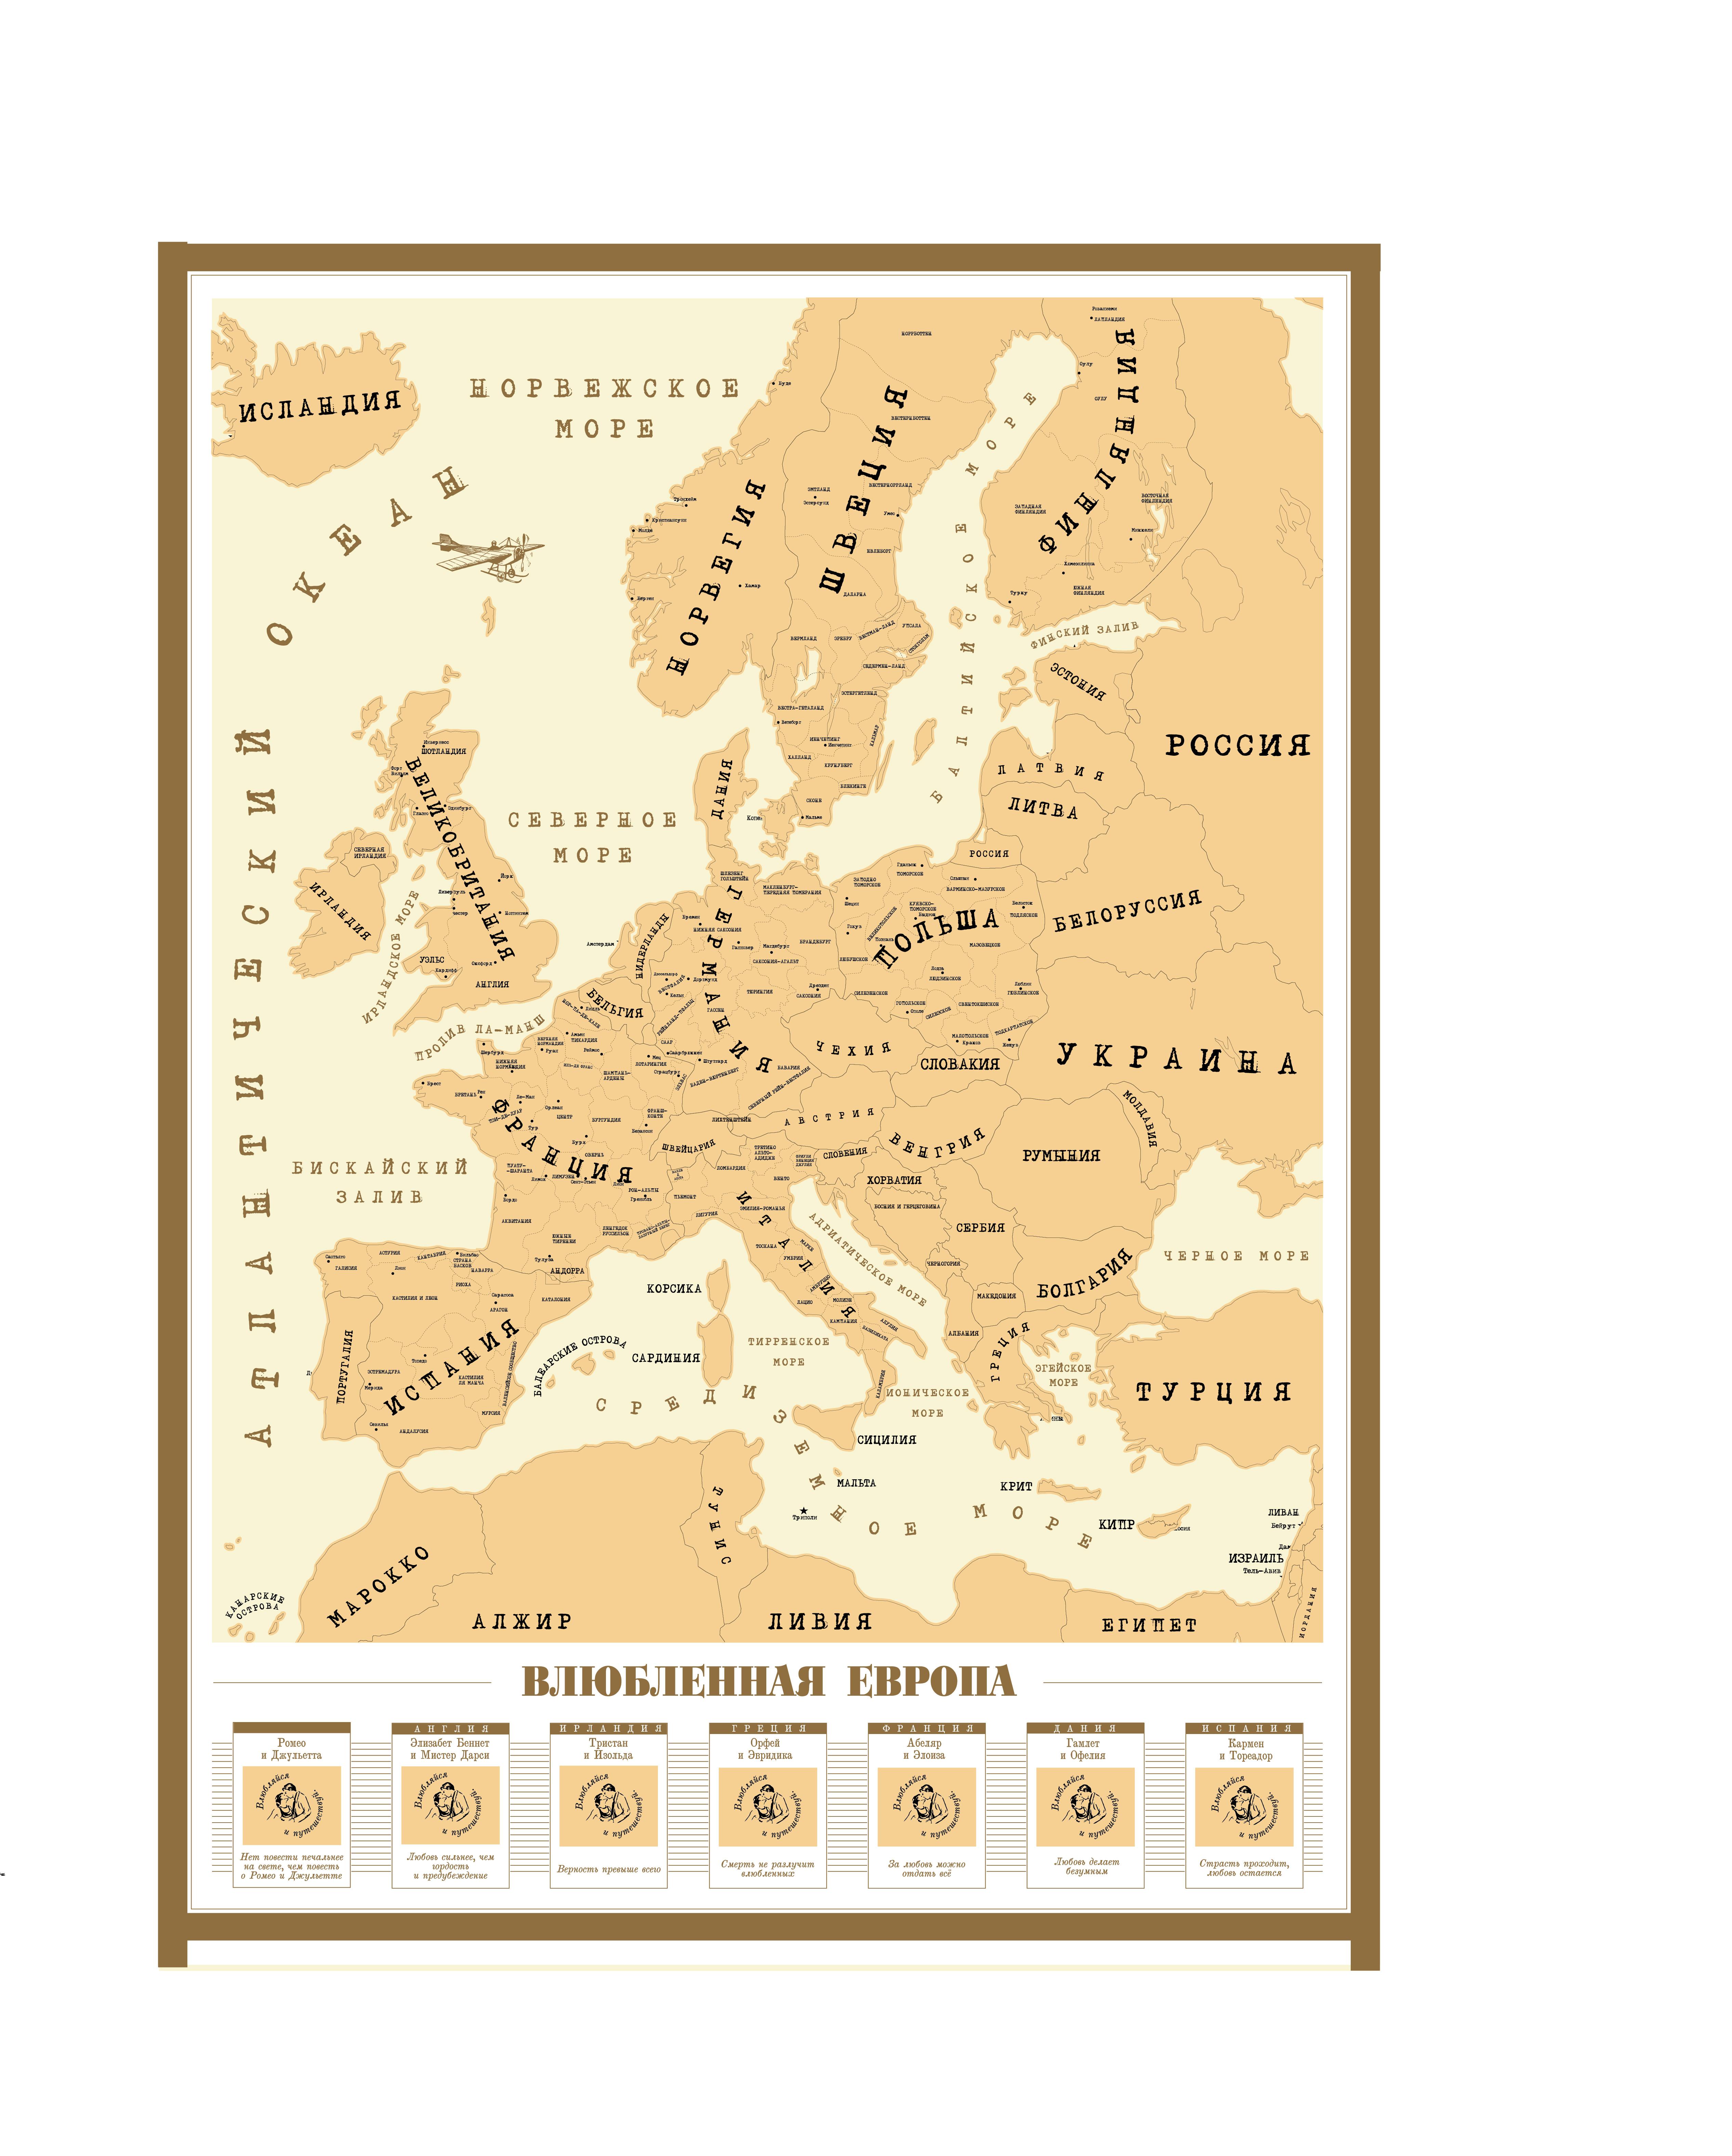 карта со стирающимся слоем эврика план покорения мира в тубусе 64 см х 8 см Карта Влюбленная Европа